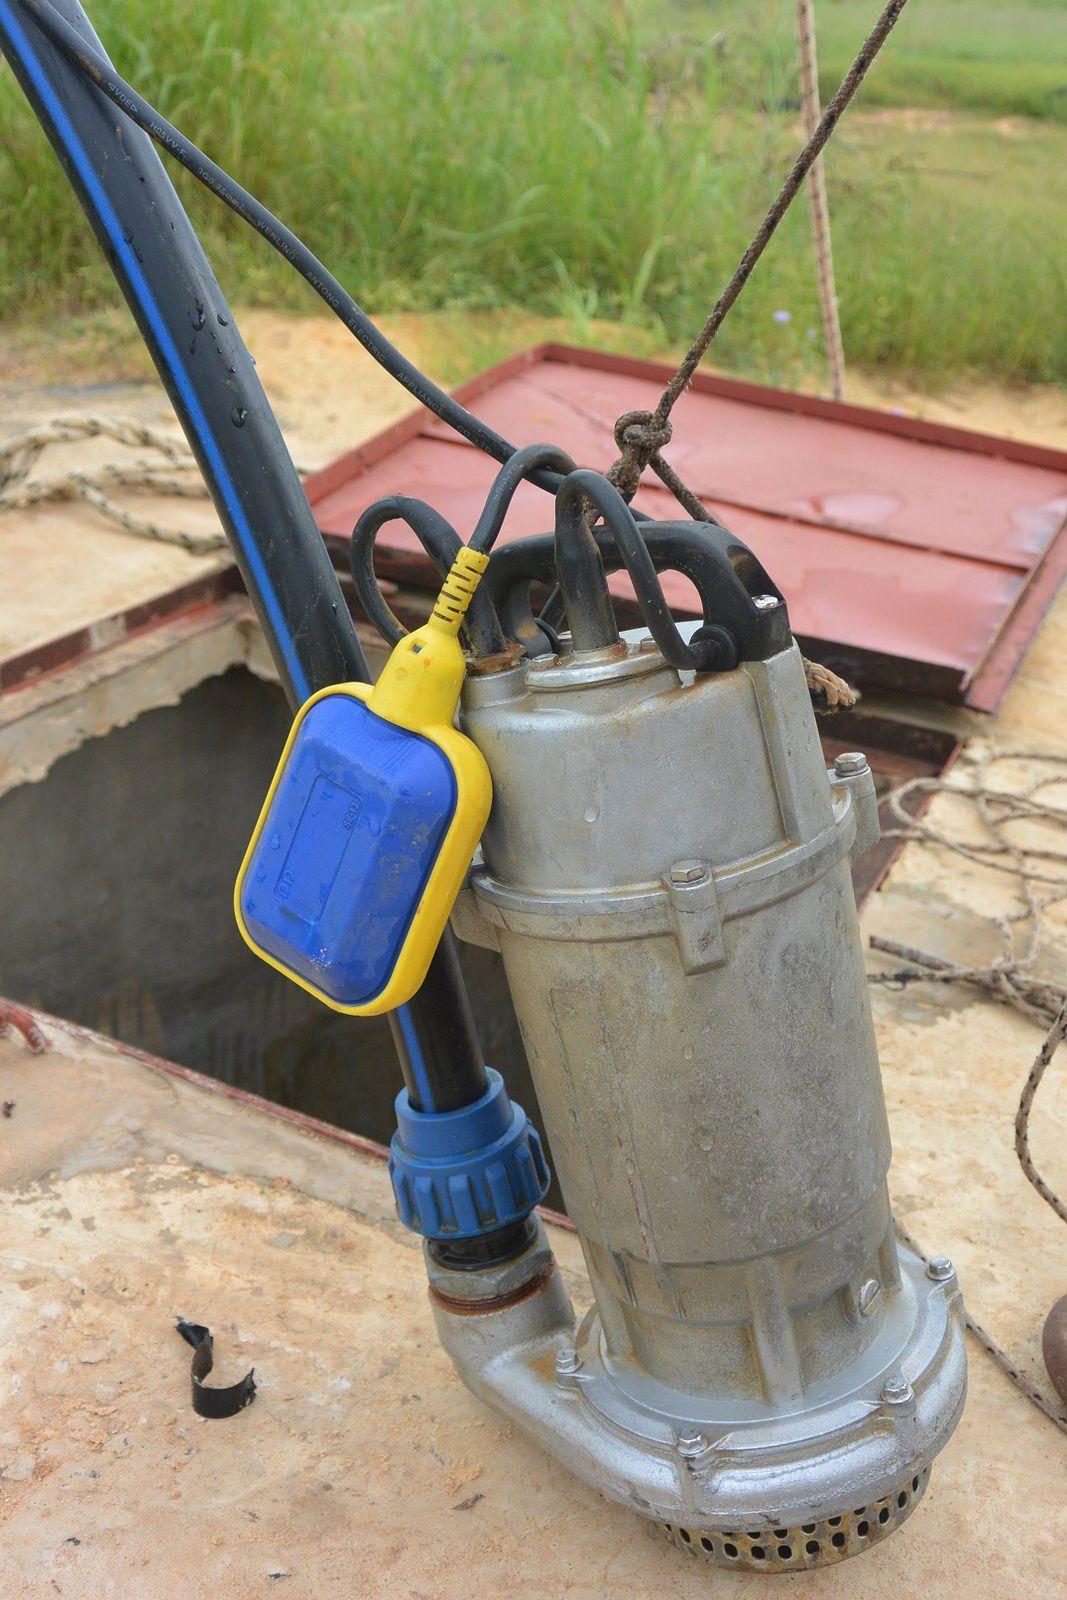 Pompe éléctrique / water pump